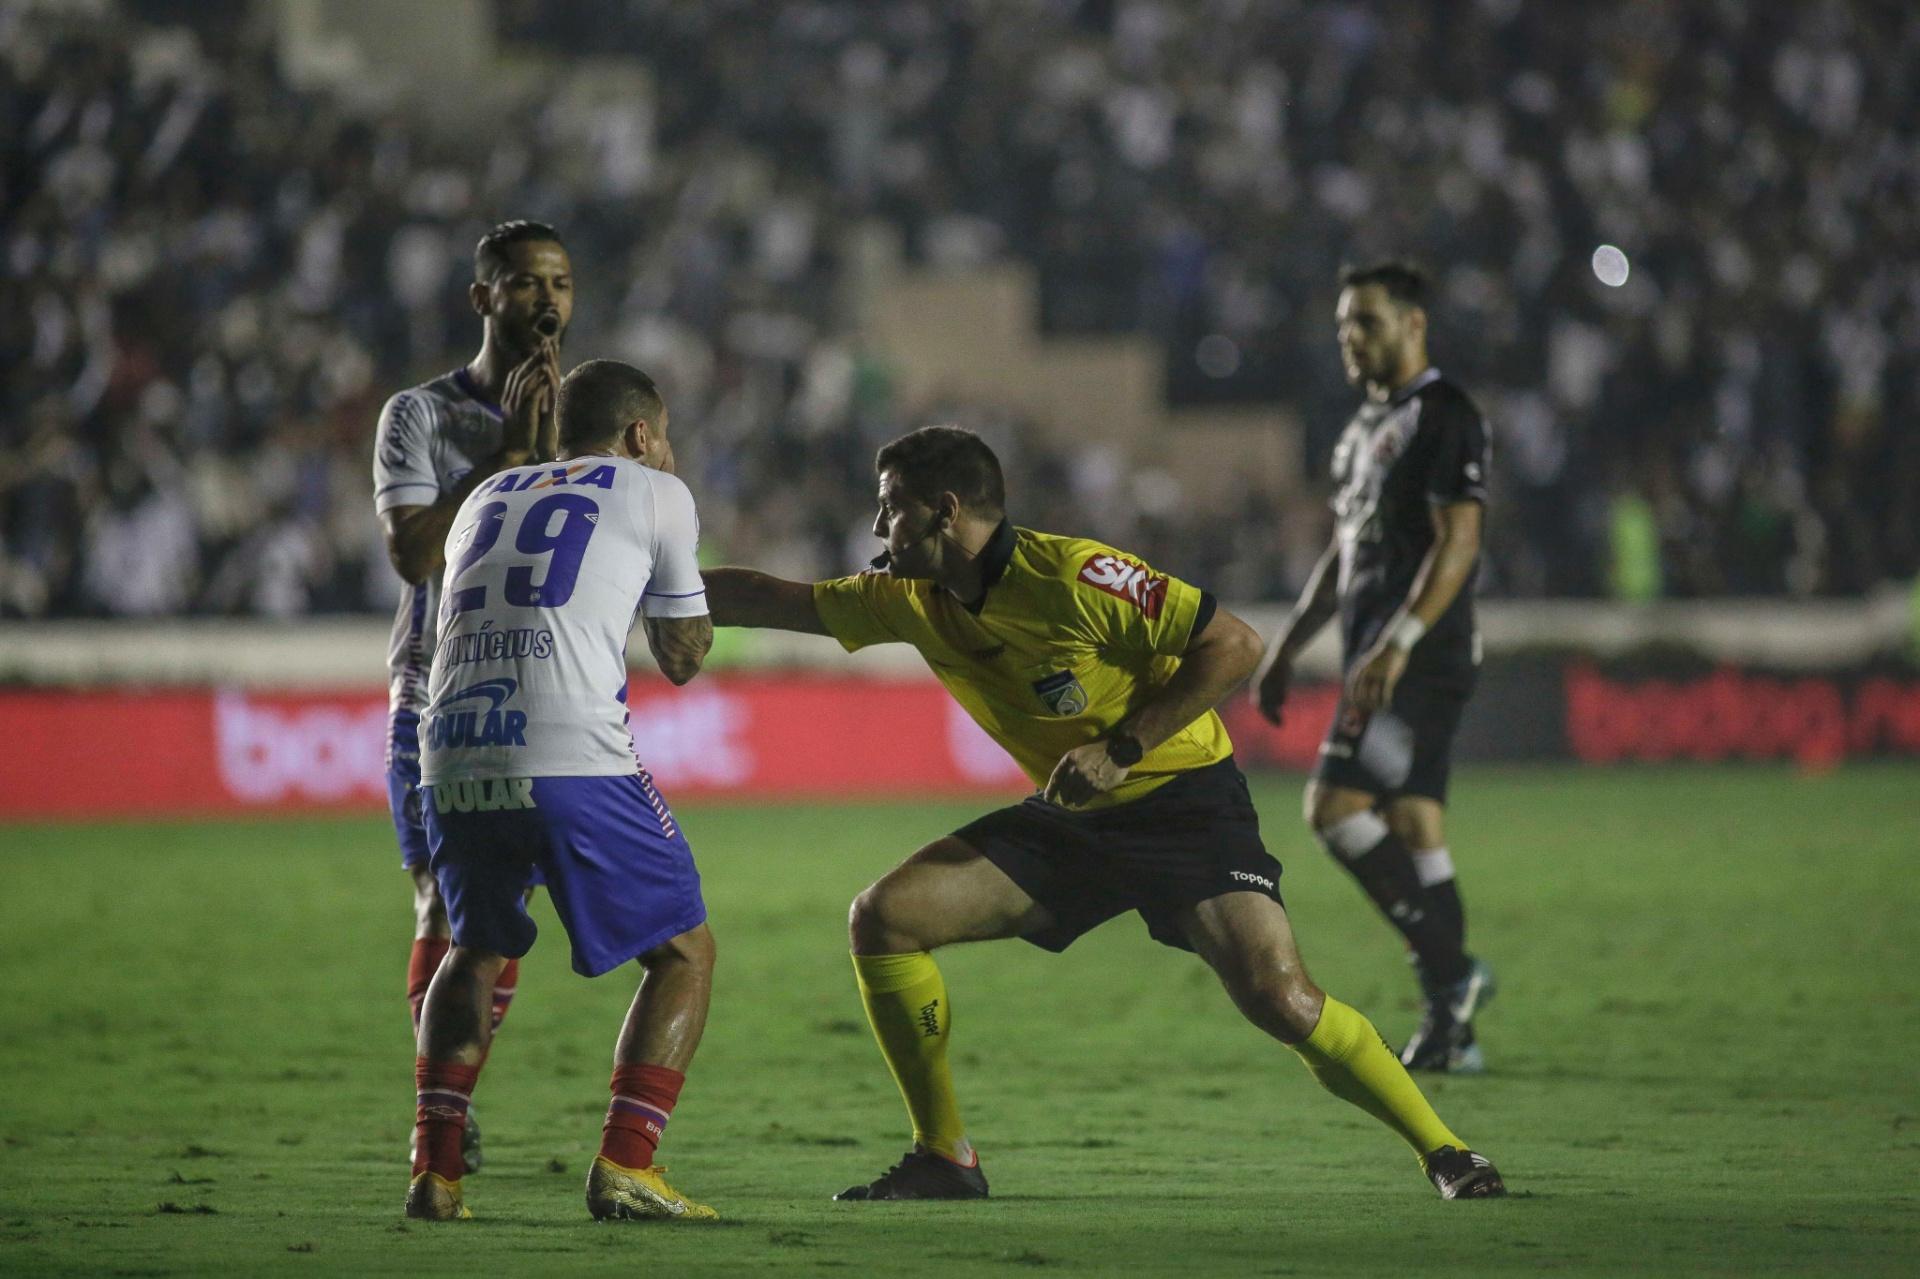 ba1c5960f4 Juiz de Flamengo x Palmeiras trabalhou em 13 jogos no Brasileirão  conheça  - 25 10 2018 - UOL Esporte